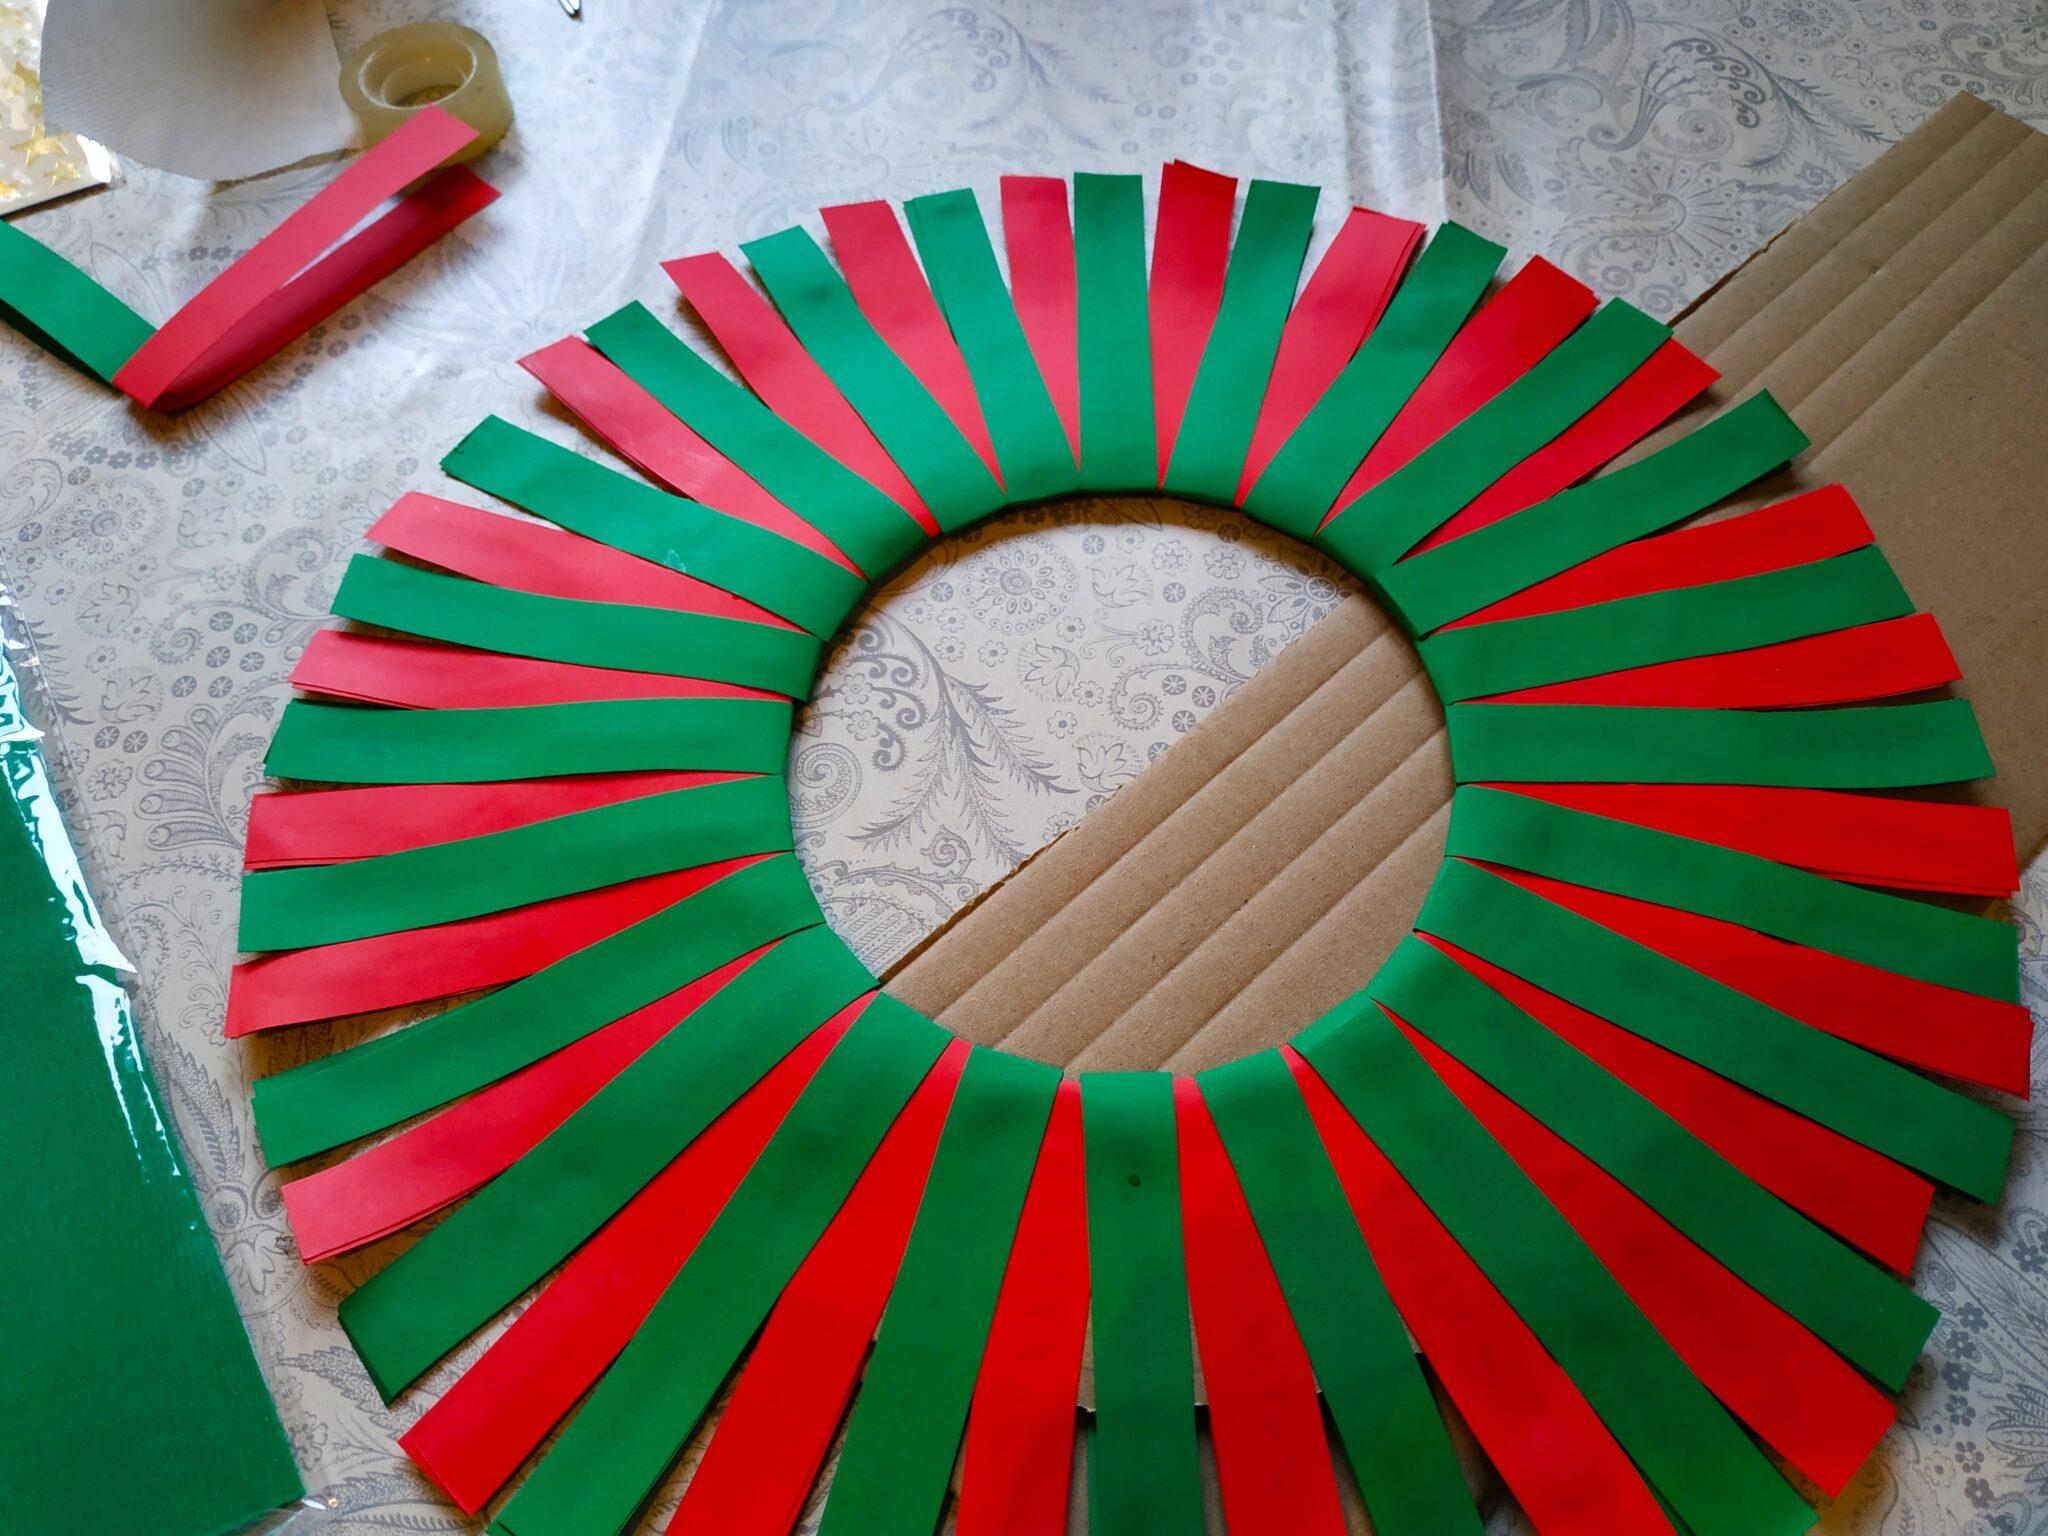 IMG 20191111 175649 - Manualidades para decoración navideña